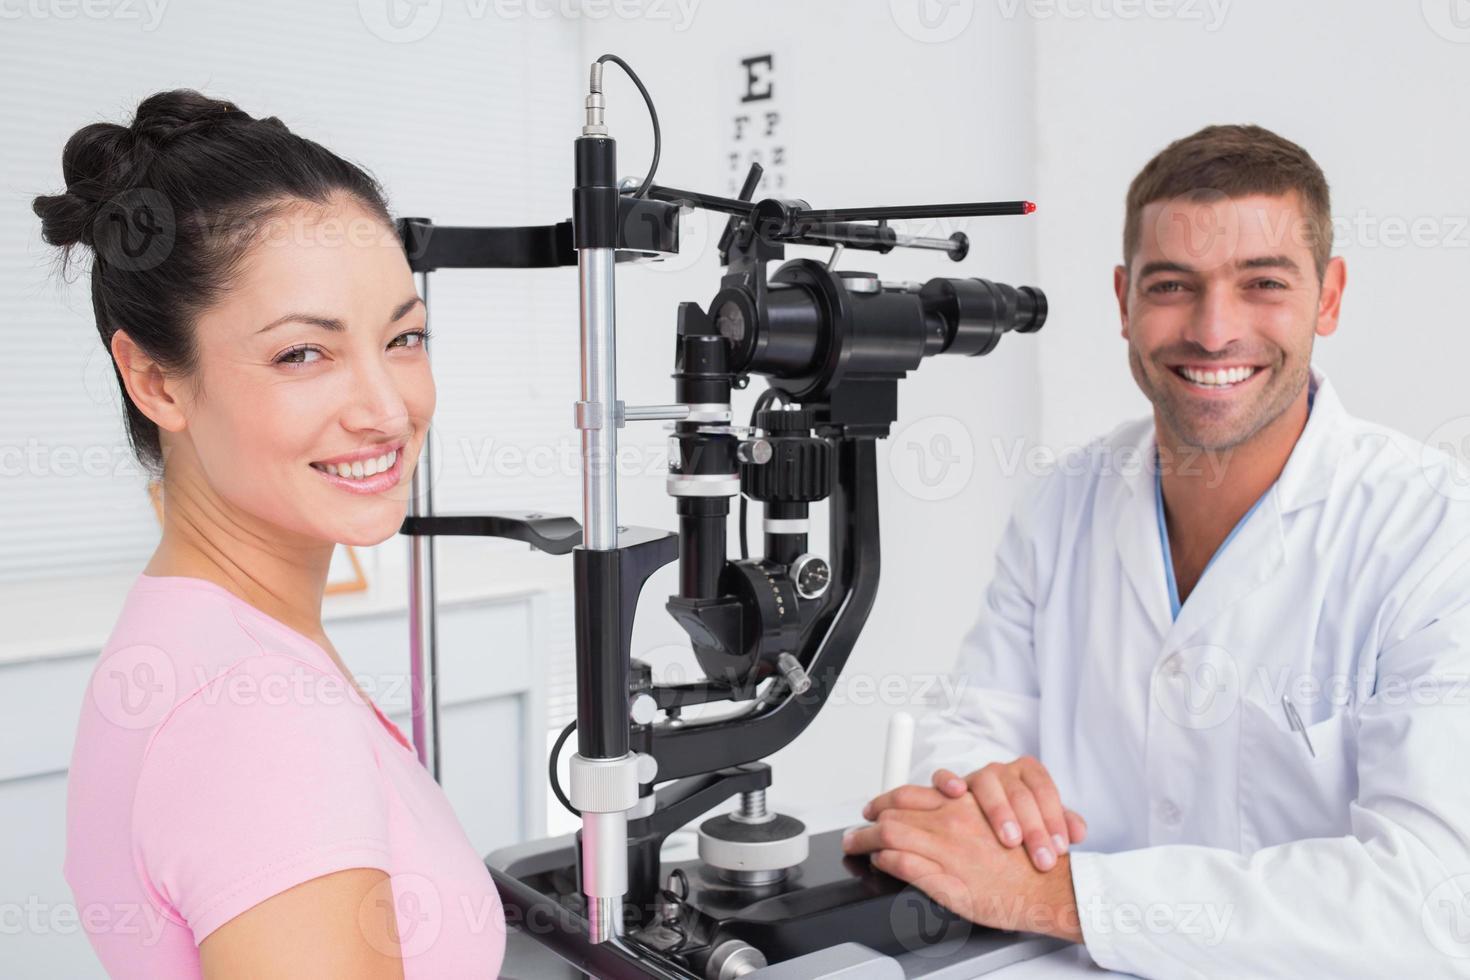 glücklicher Optiker und Patientin mit Spaltlampe foto